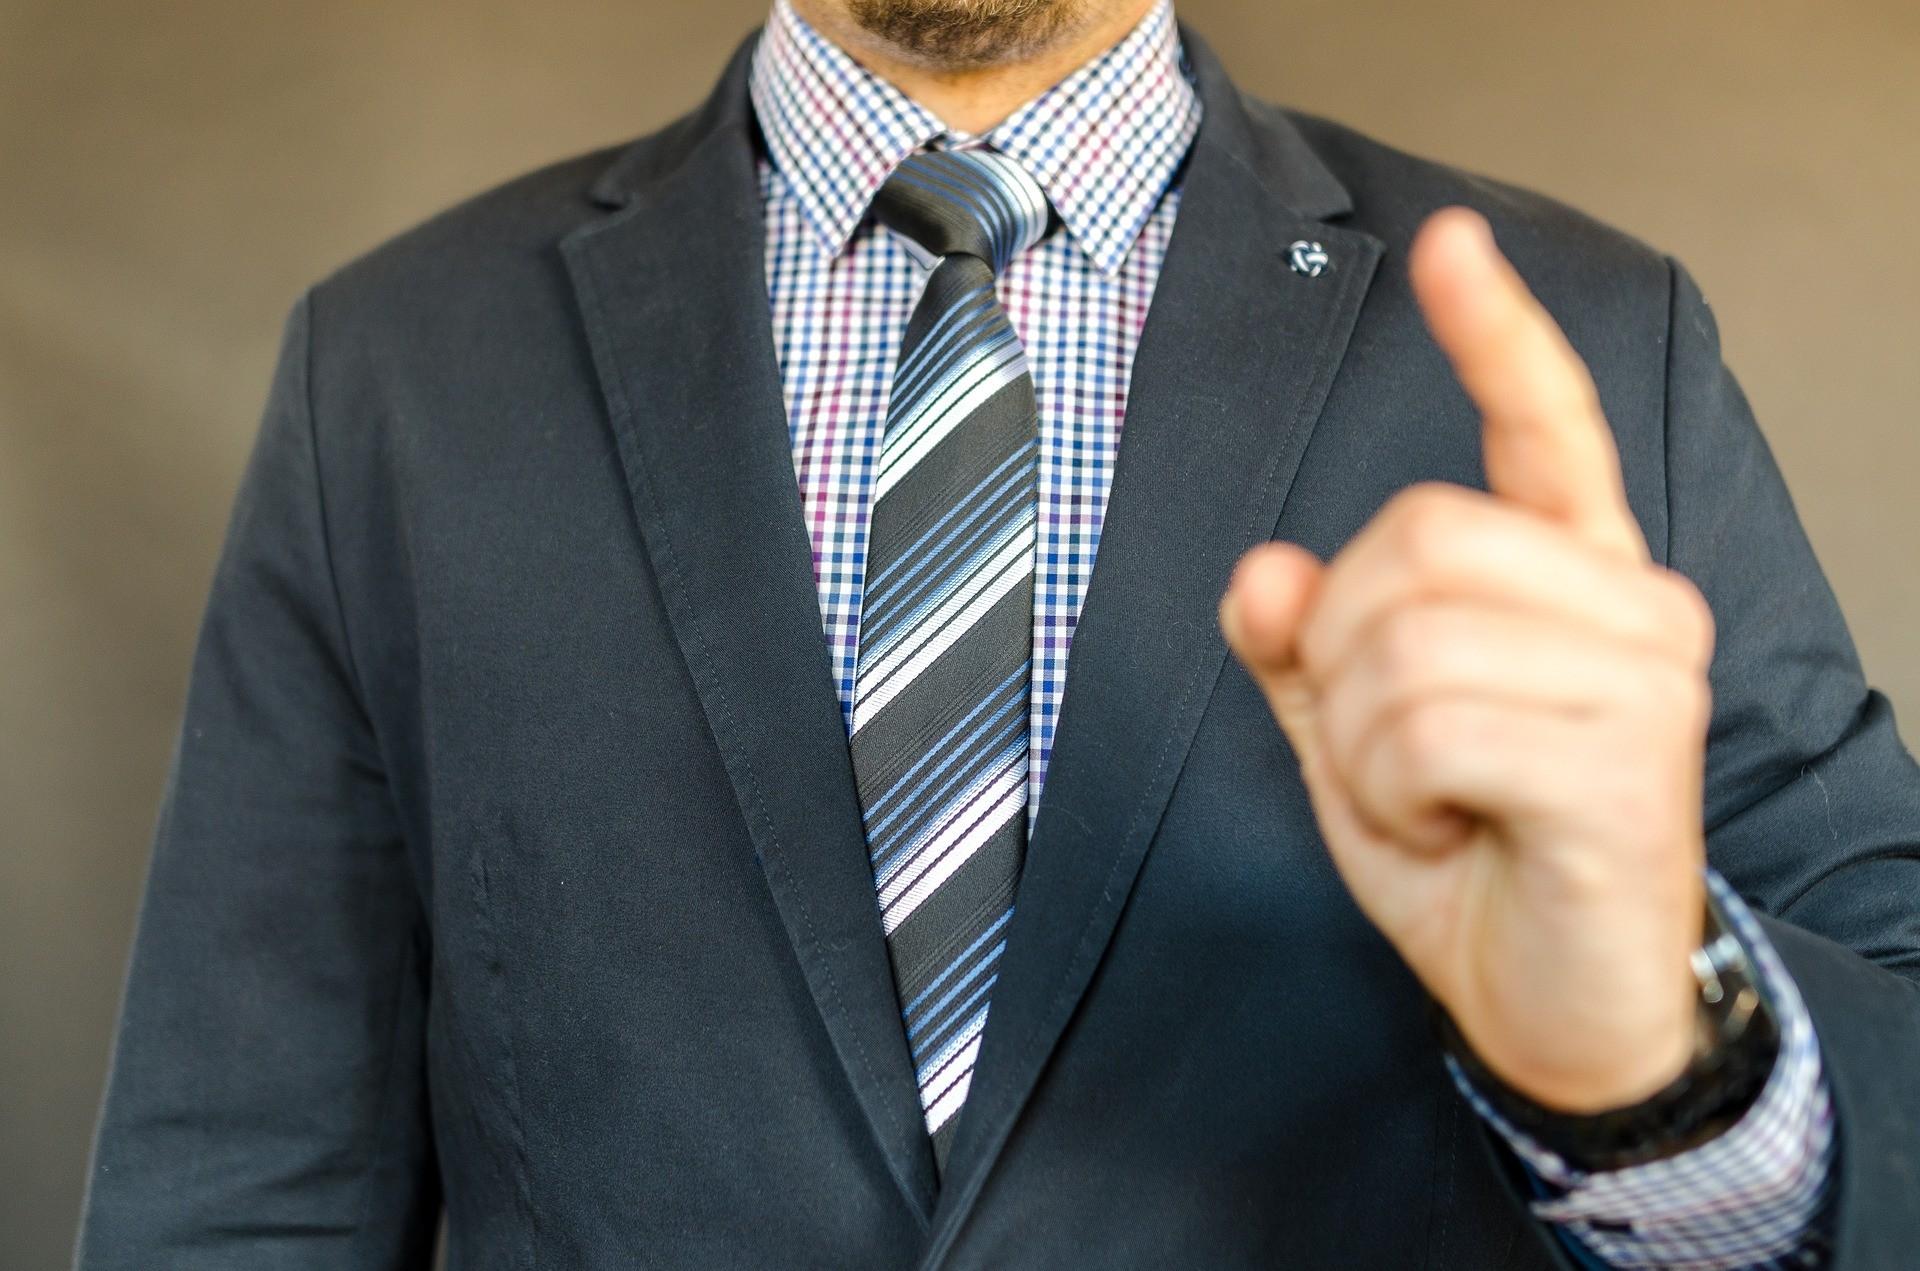 ▲職場,主管,罵人,辦公室。(圖/取自免費圖庫Pixbay)